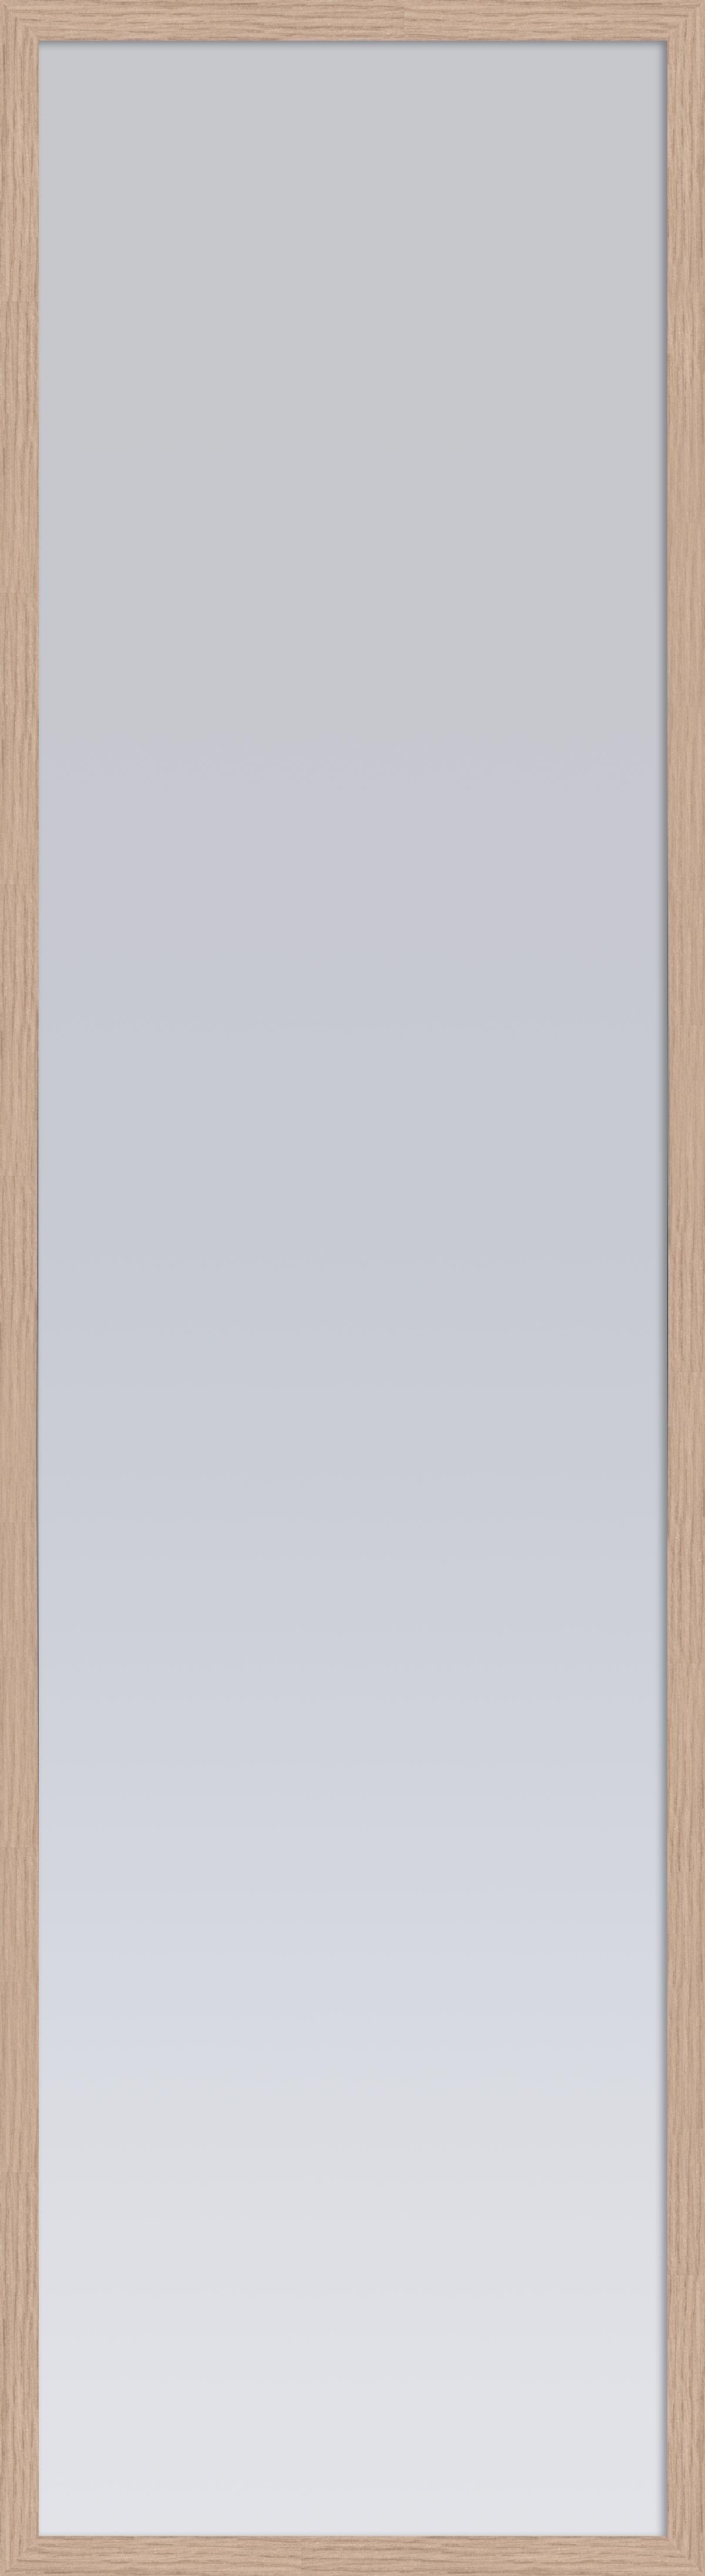 Miroir encadré Cubo 30X120